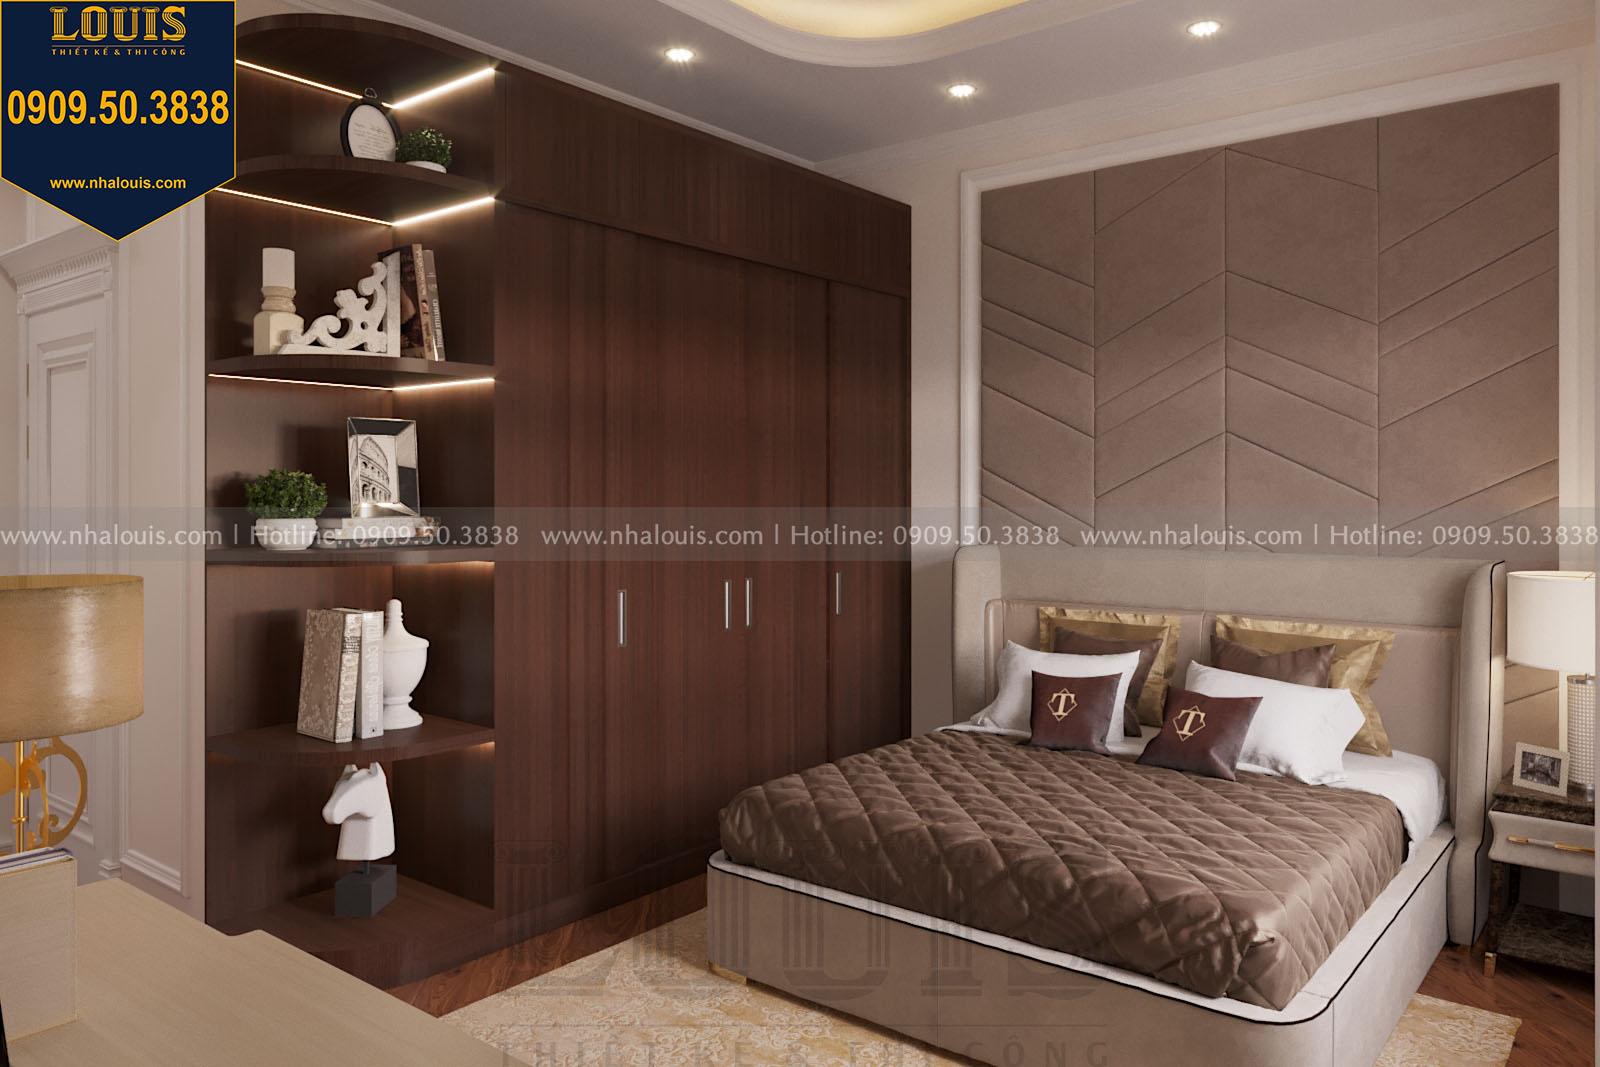 Thiết kế phòng ngủ nhà phố phong cách tân cổ điển